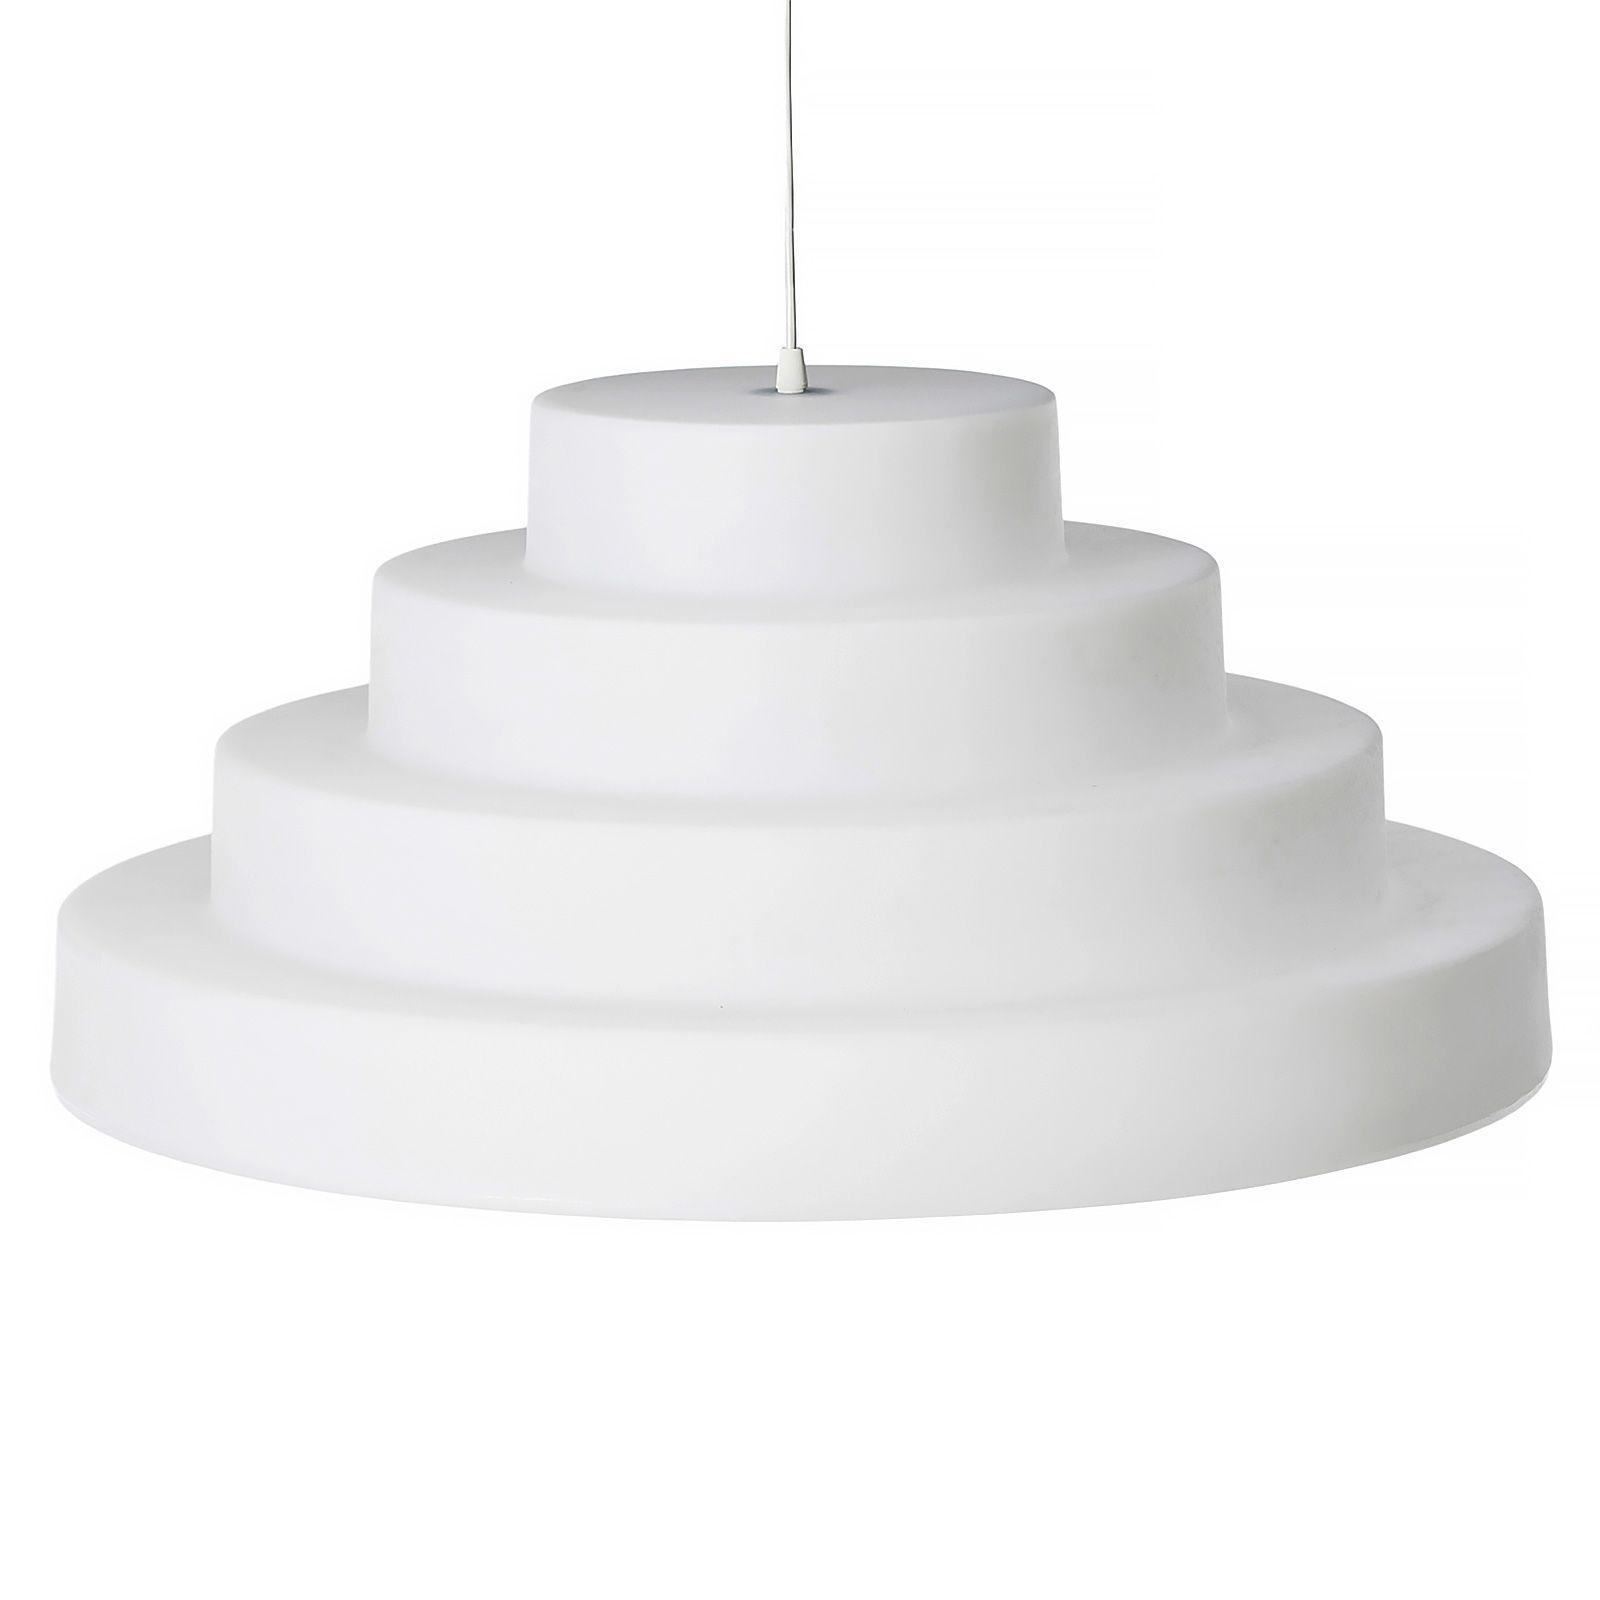 Riippuvalaisin Cake valkoinen